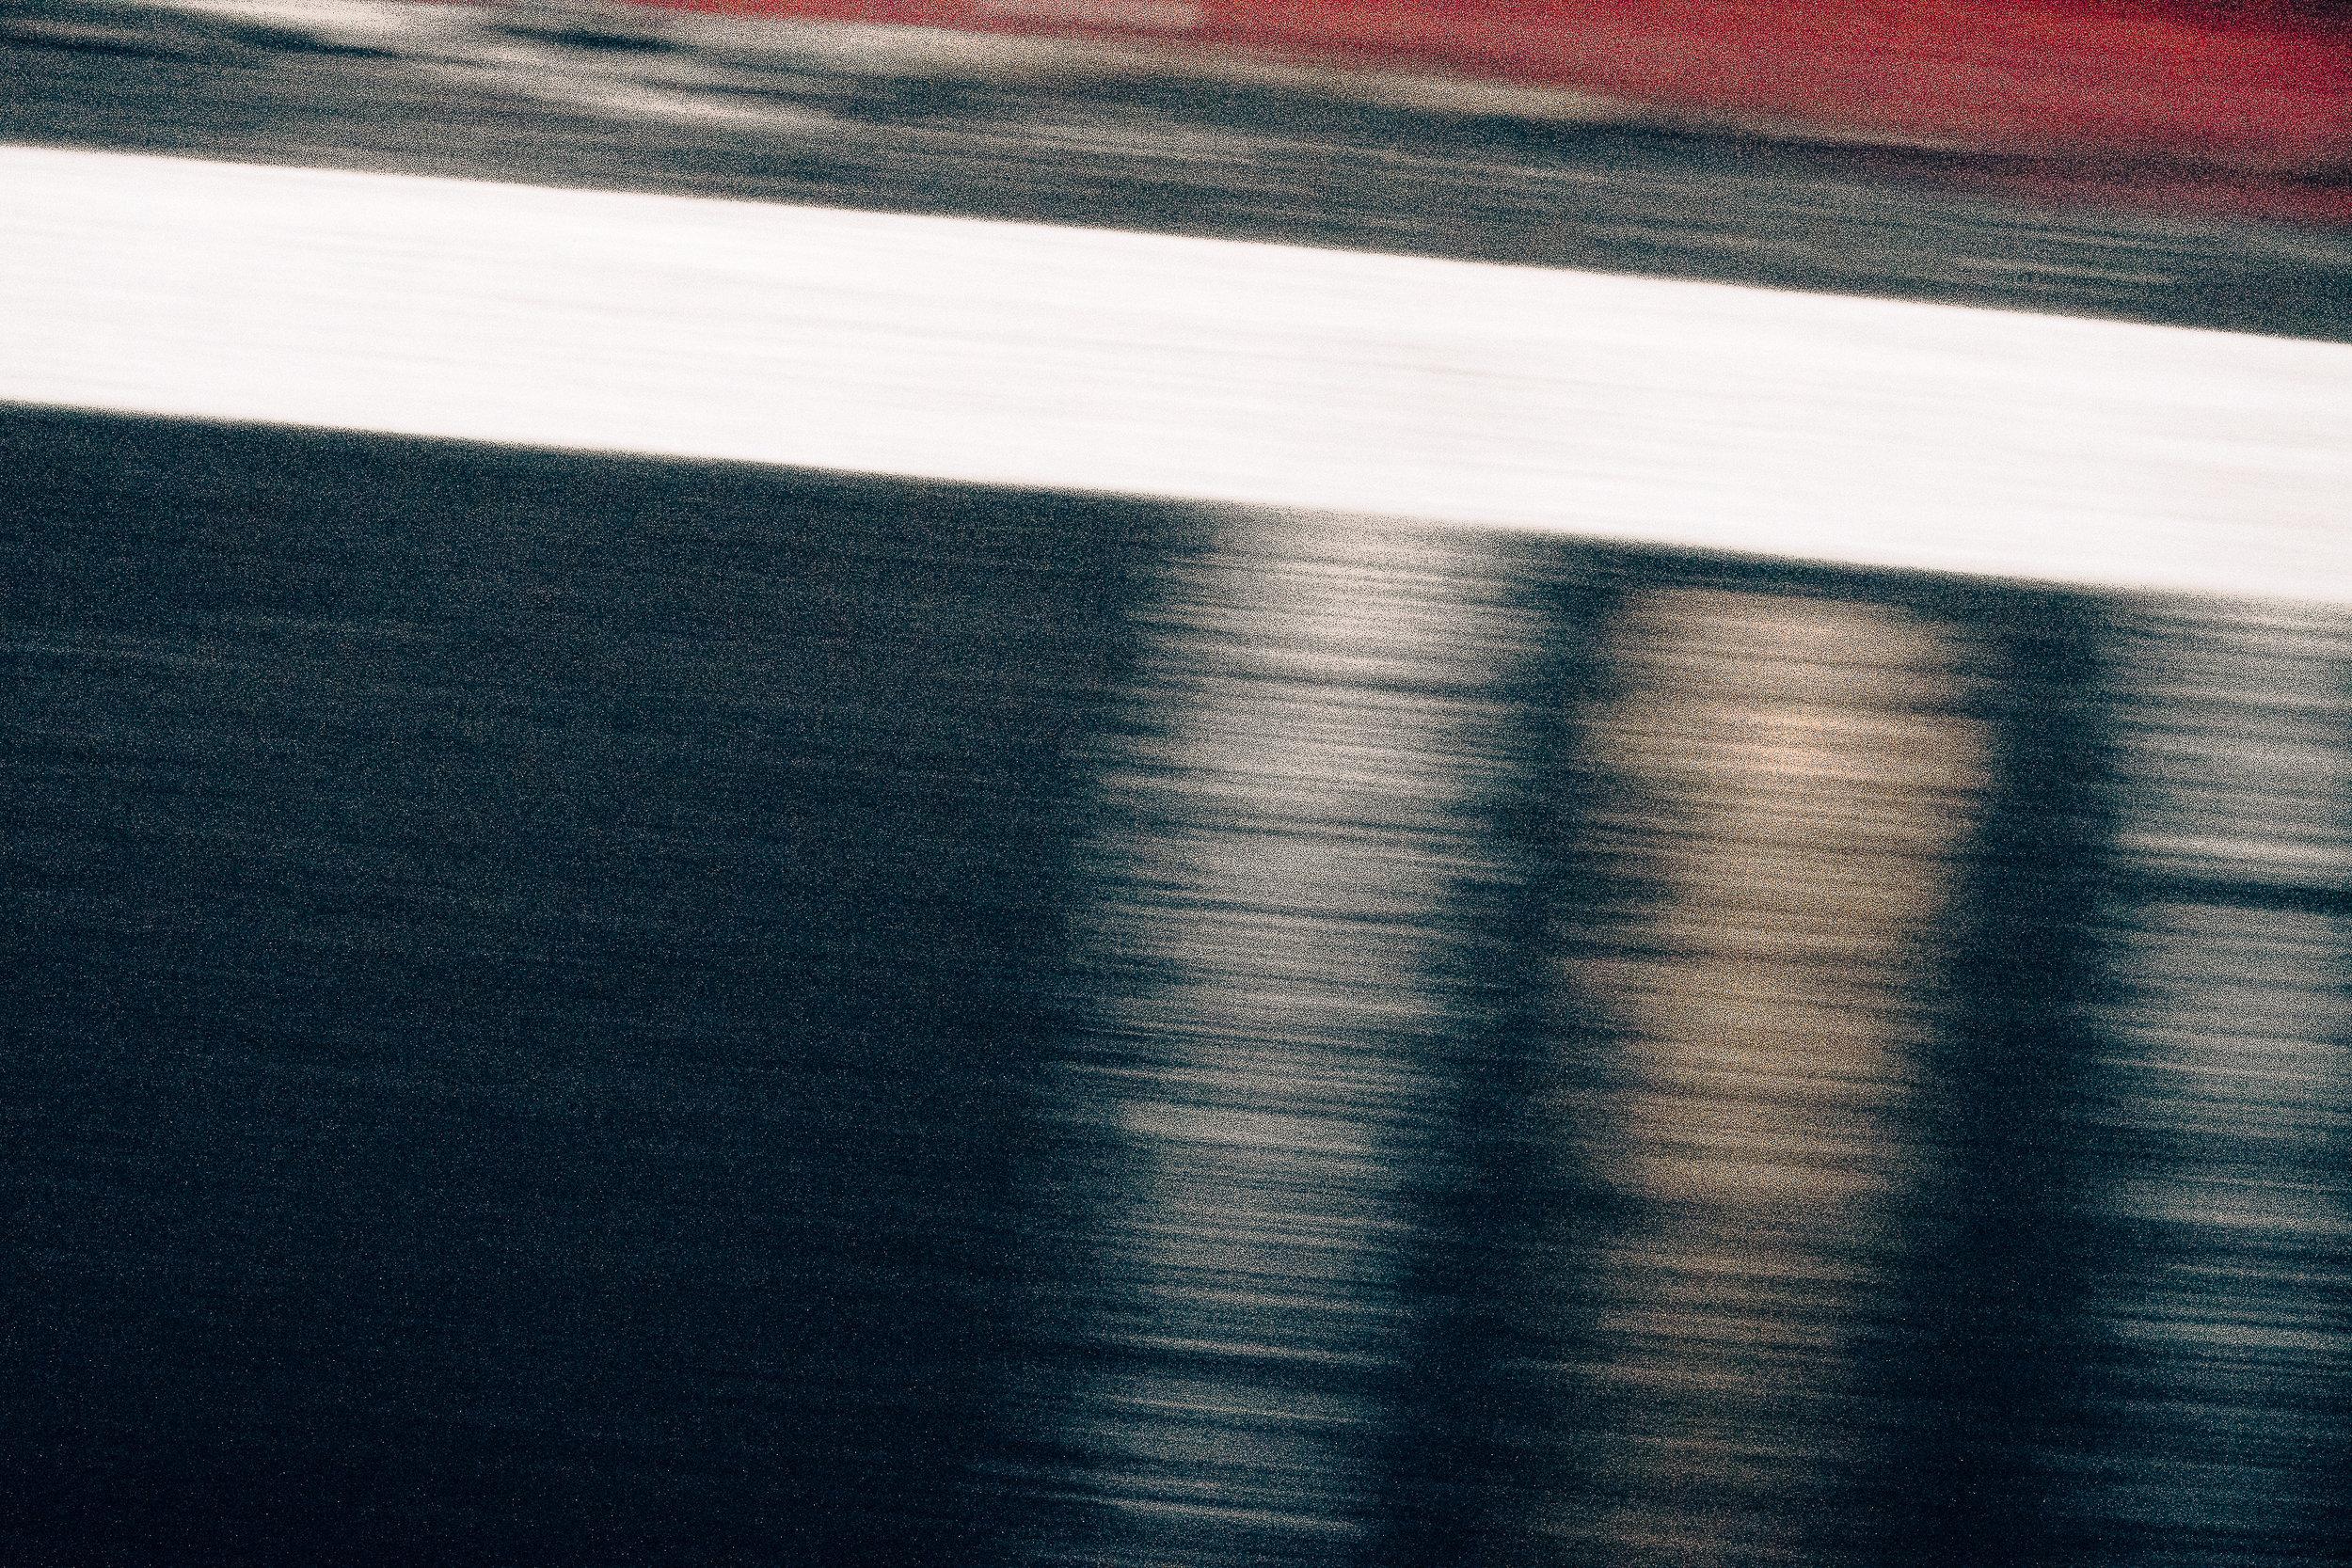 Nurburgring Henry Phillips09_1.jpg